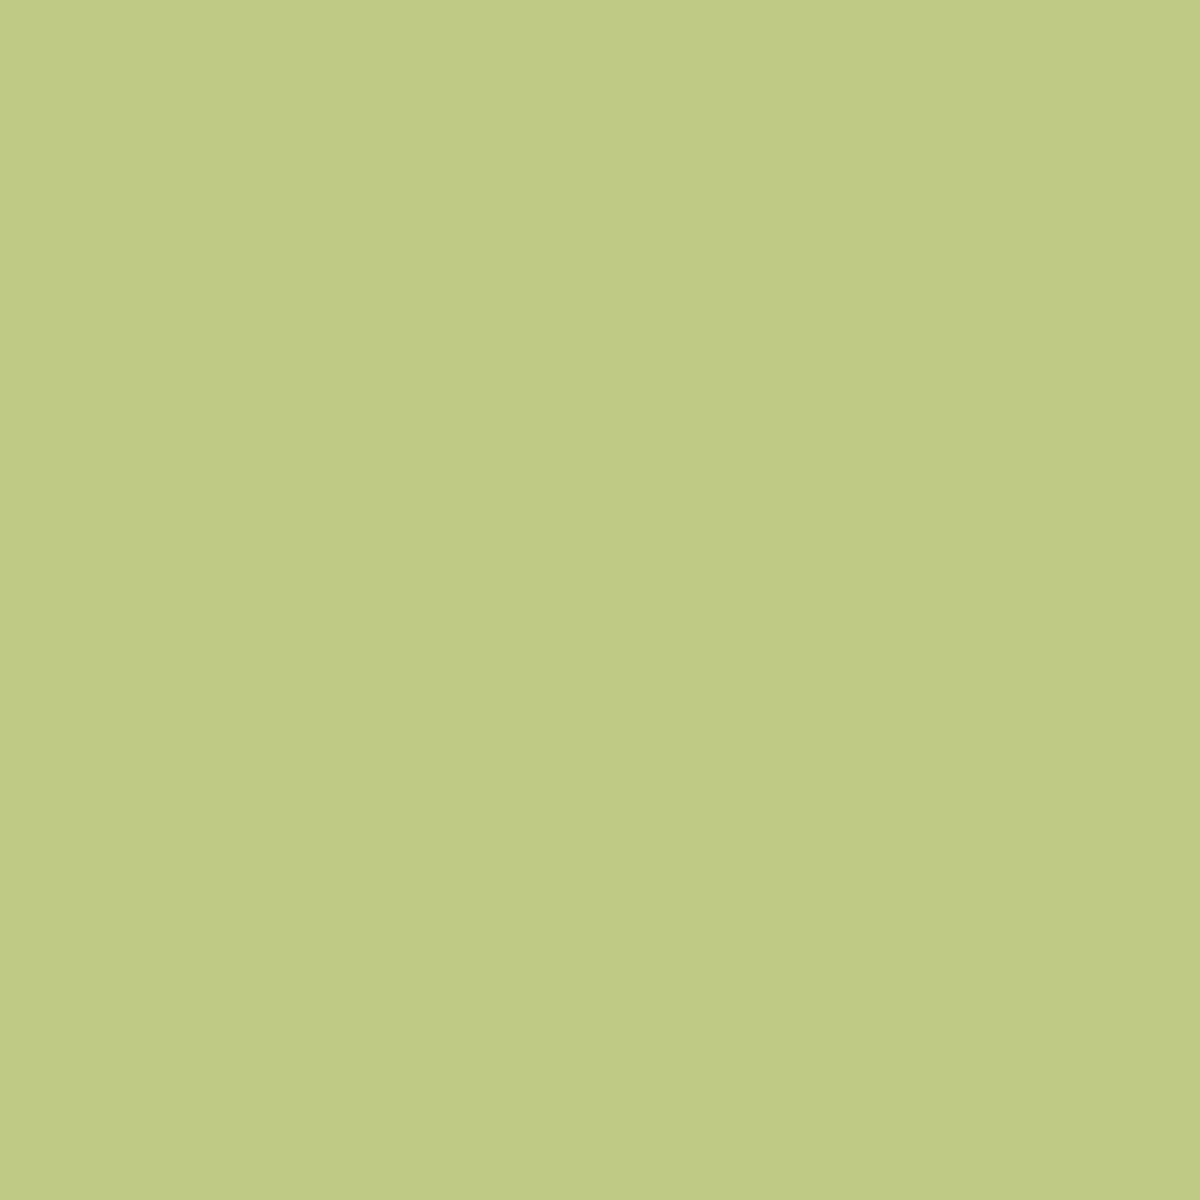 Riley Blake, Confetti Solid Grass